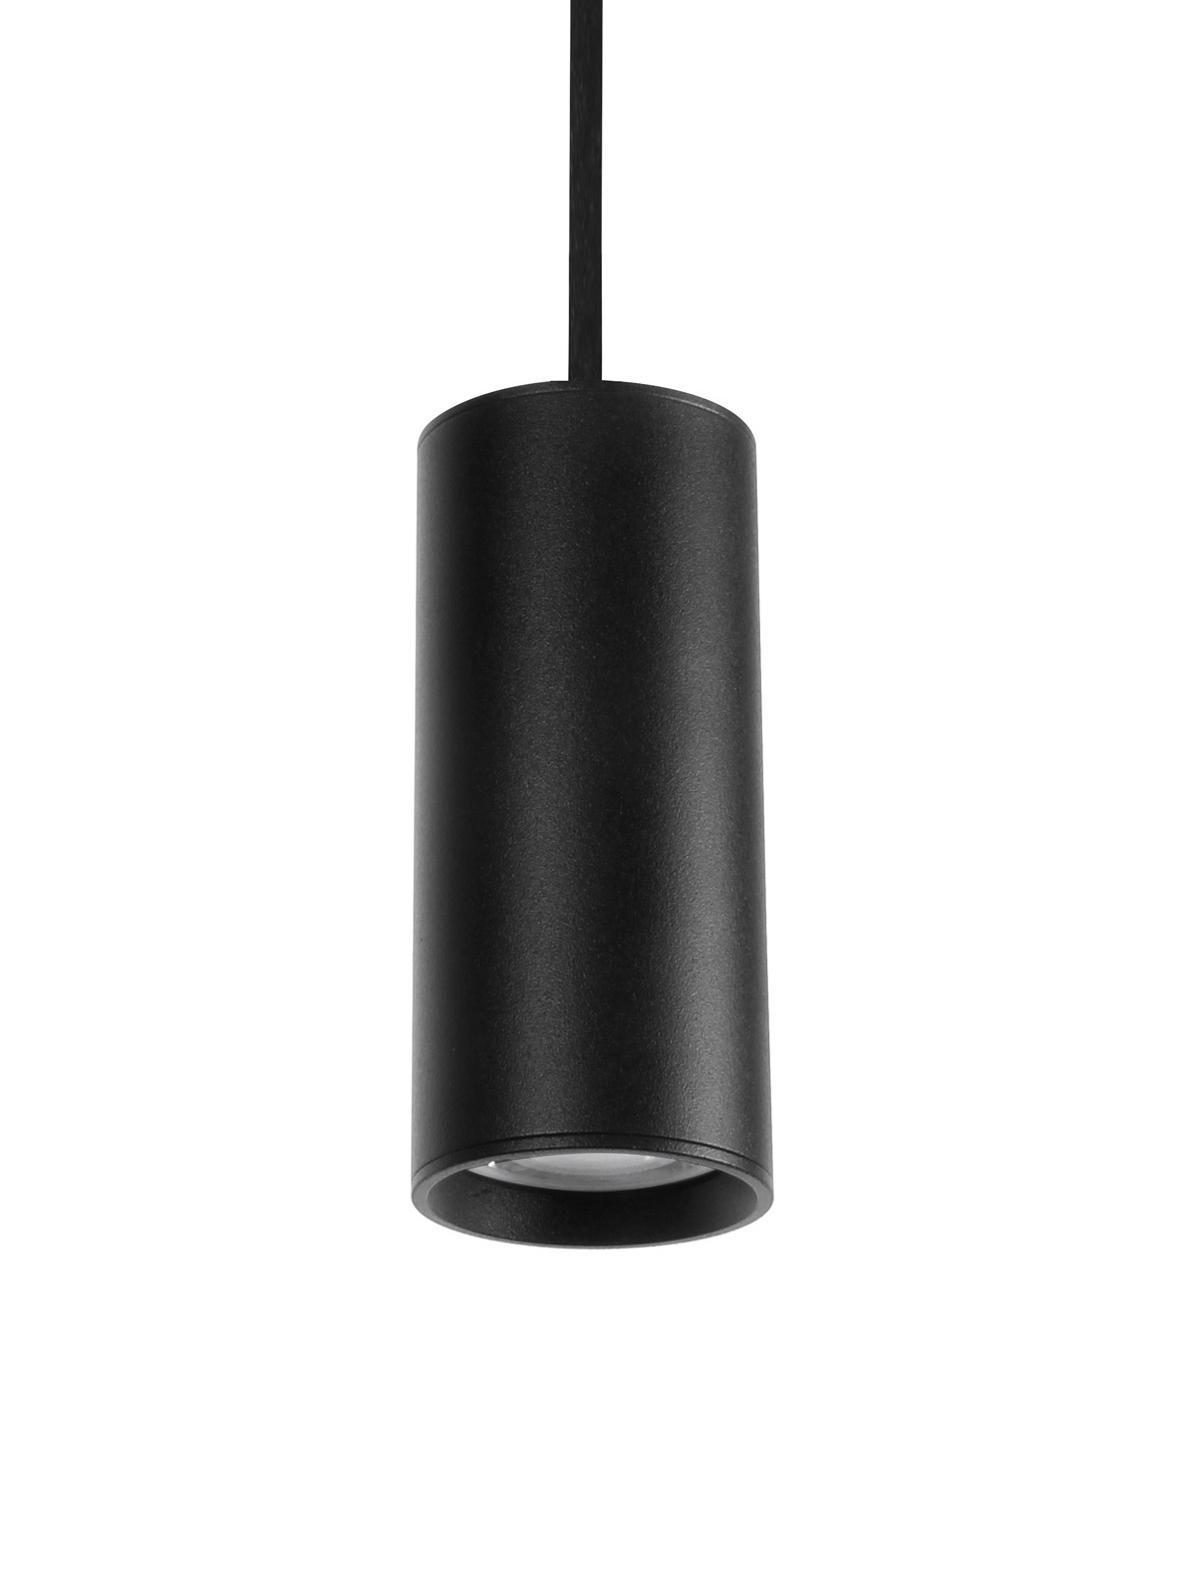 Lámpara de techo pequeña Aila, Pantalla: aluminio recubierto, Anclaje: aluminio recubierto, Cable: cubierto en tela, Negro, Ø 6 x Al 120 cm